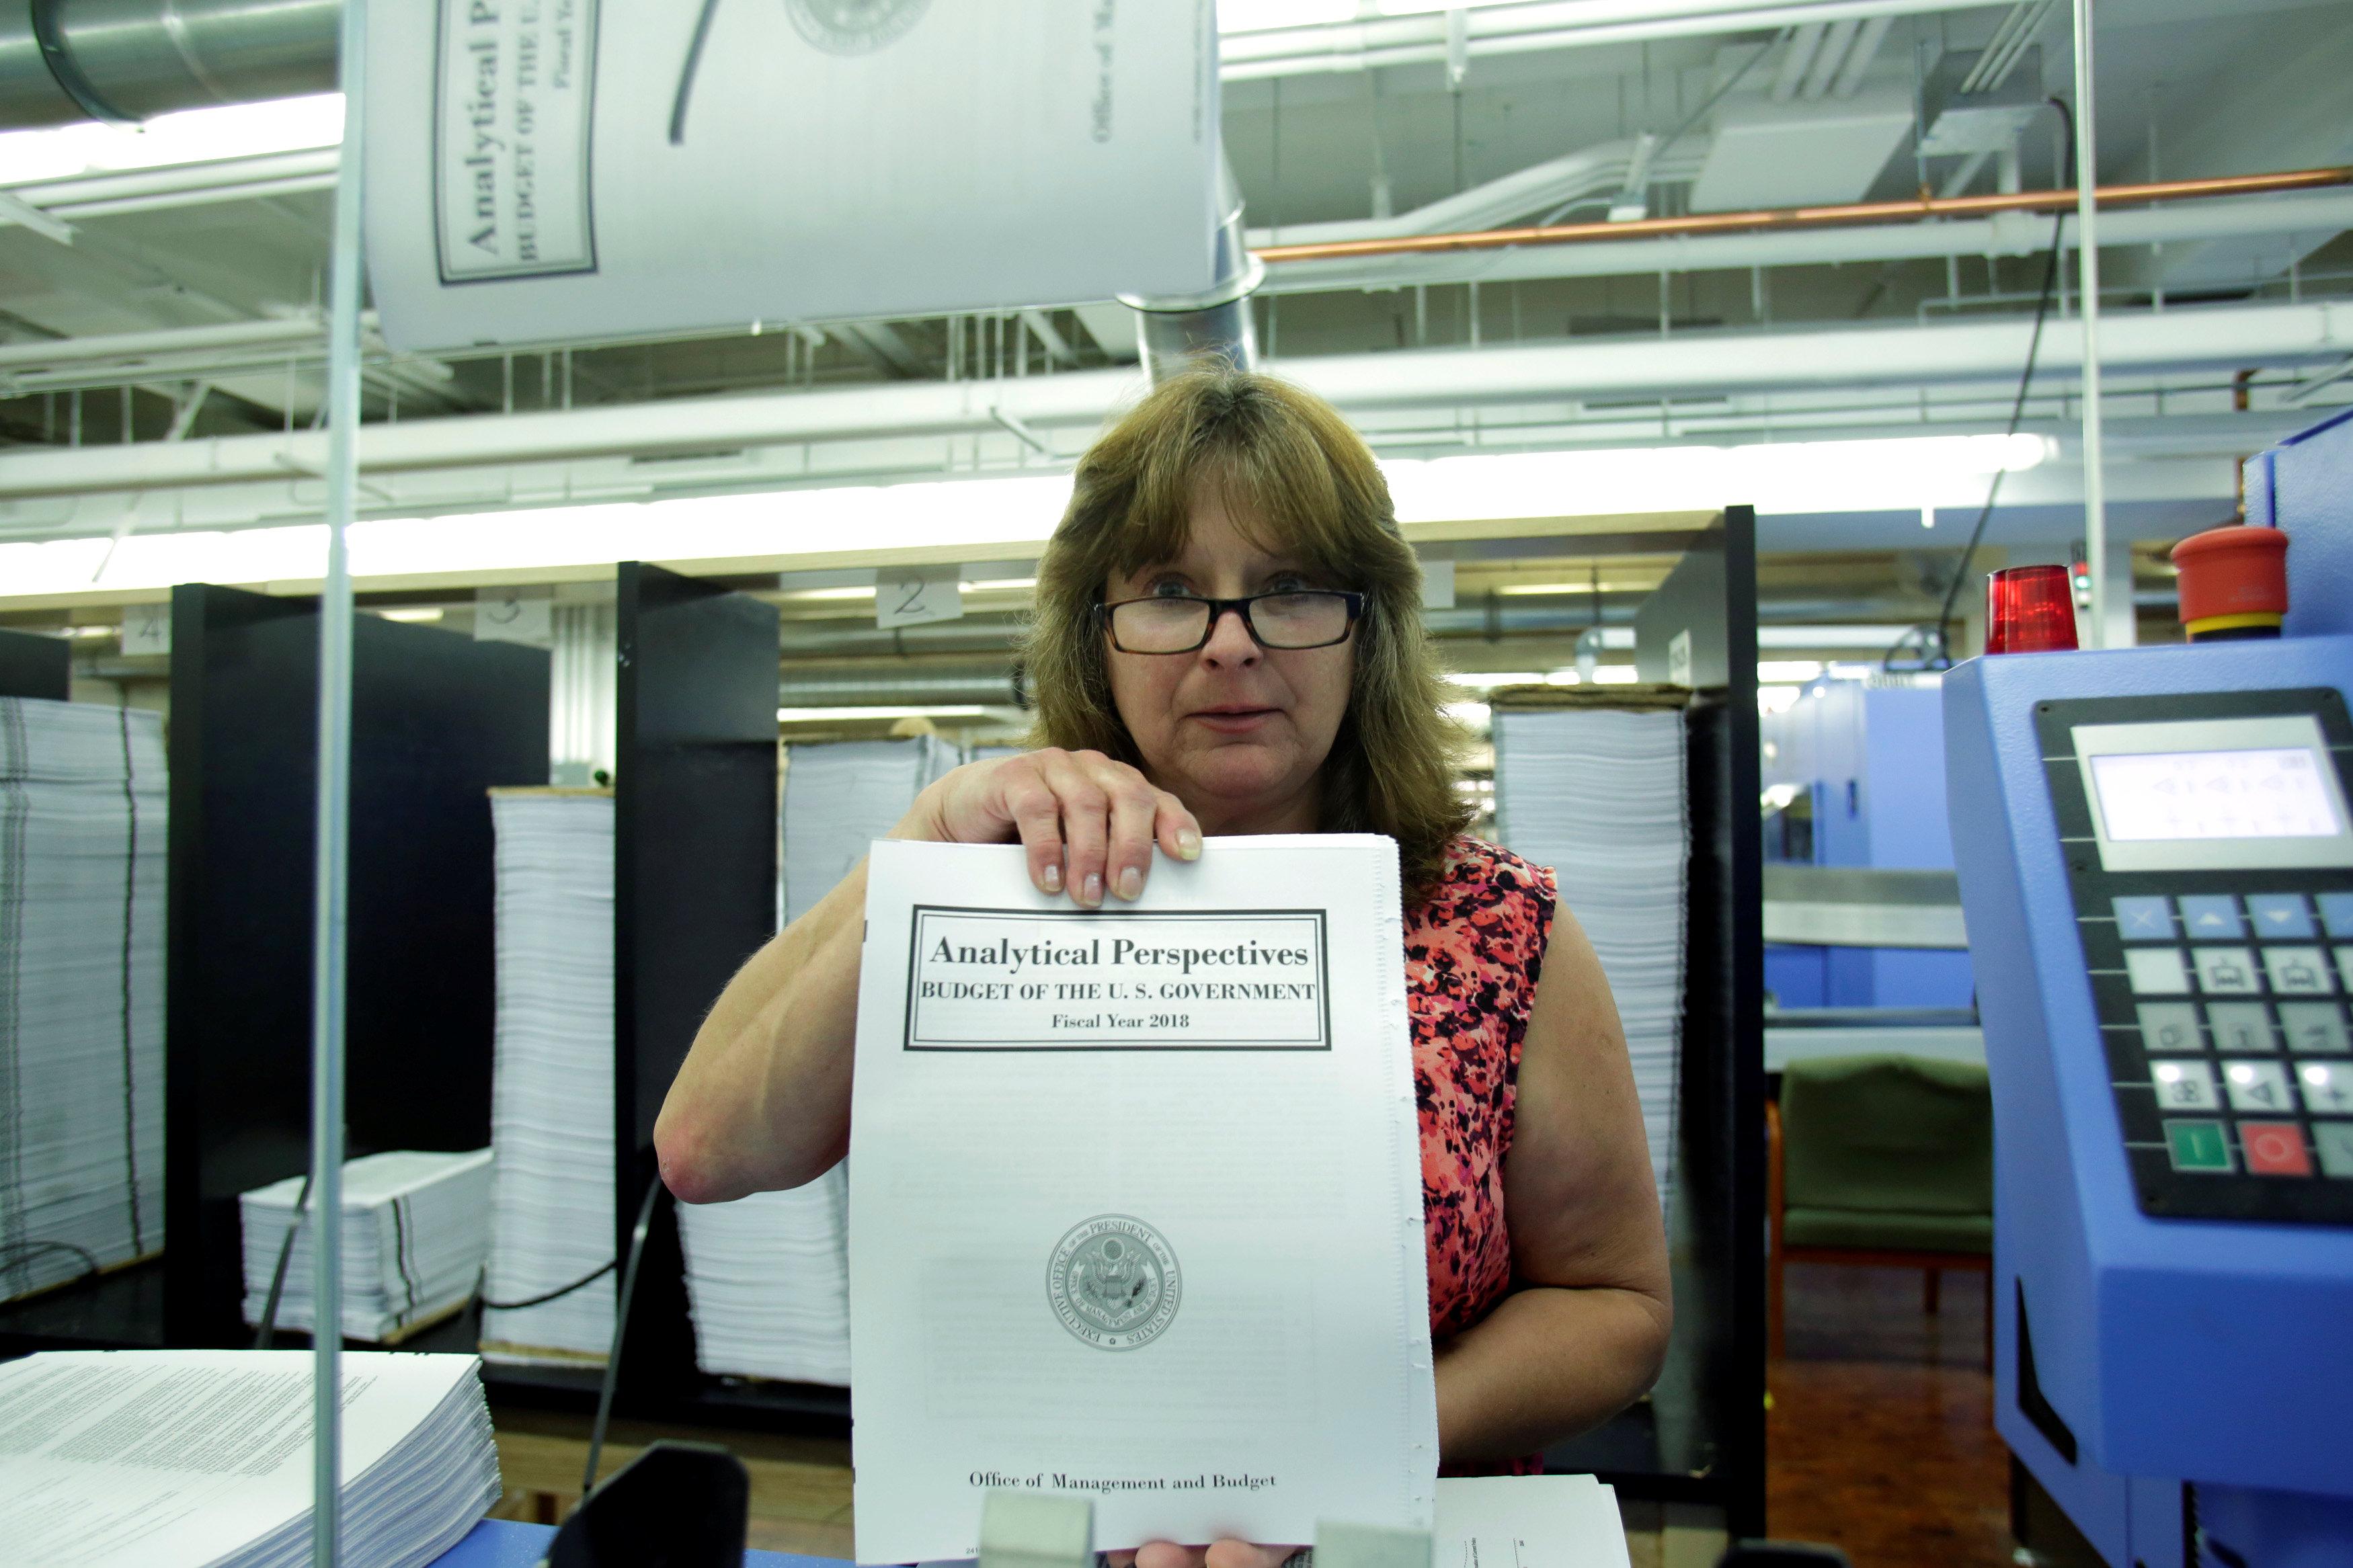 إحدى موظفات دار النشر الحكومية